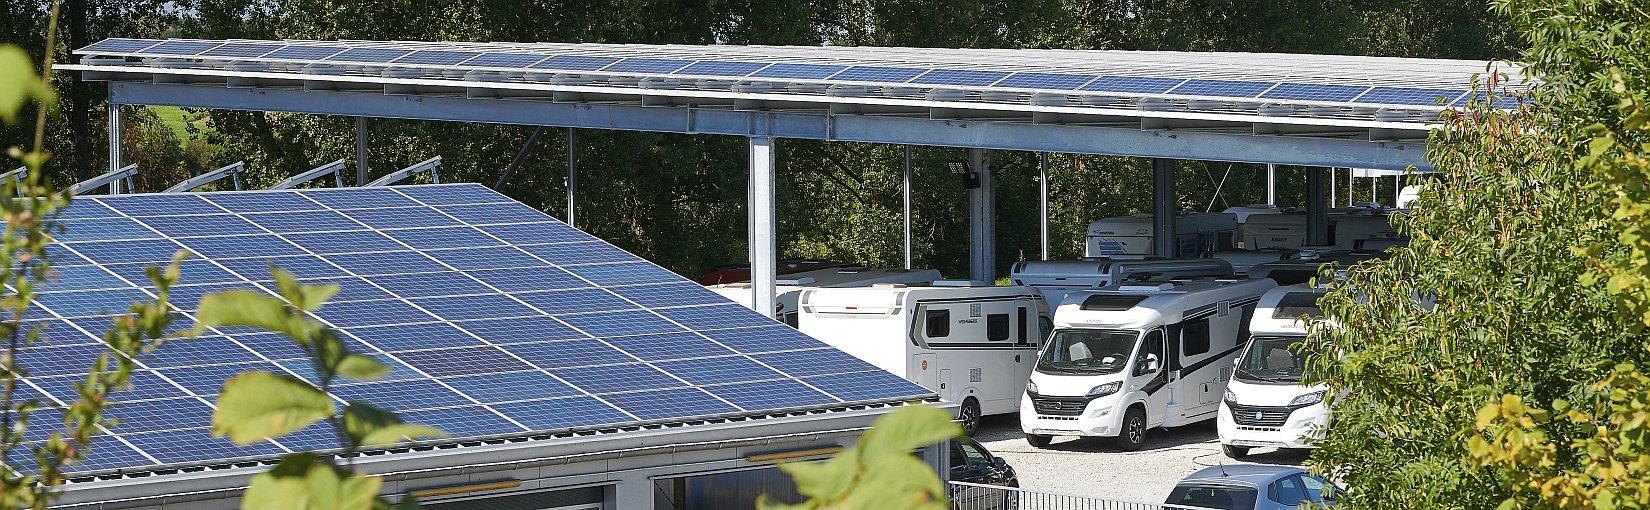 Solaranlage auf Hausdach, Solarcarport im Hintergrund